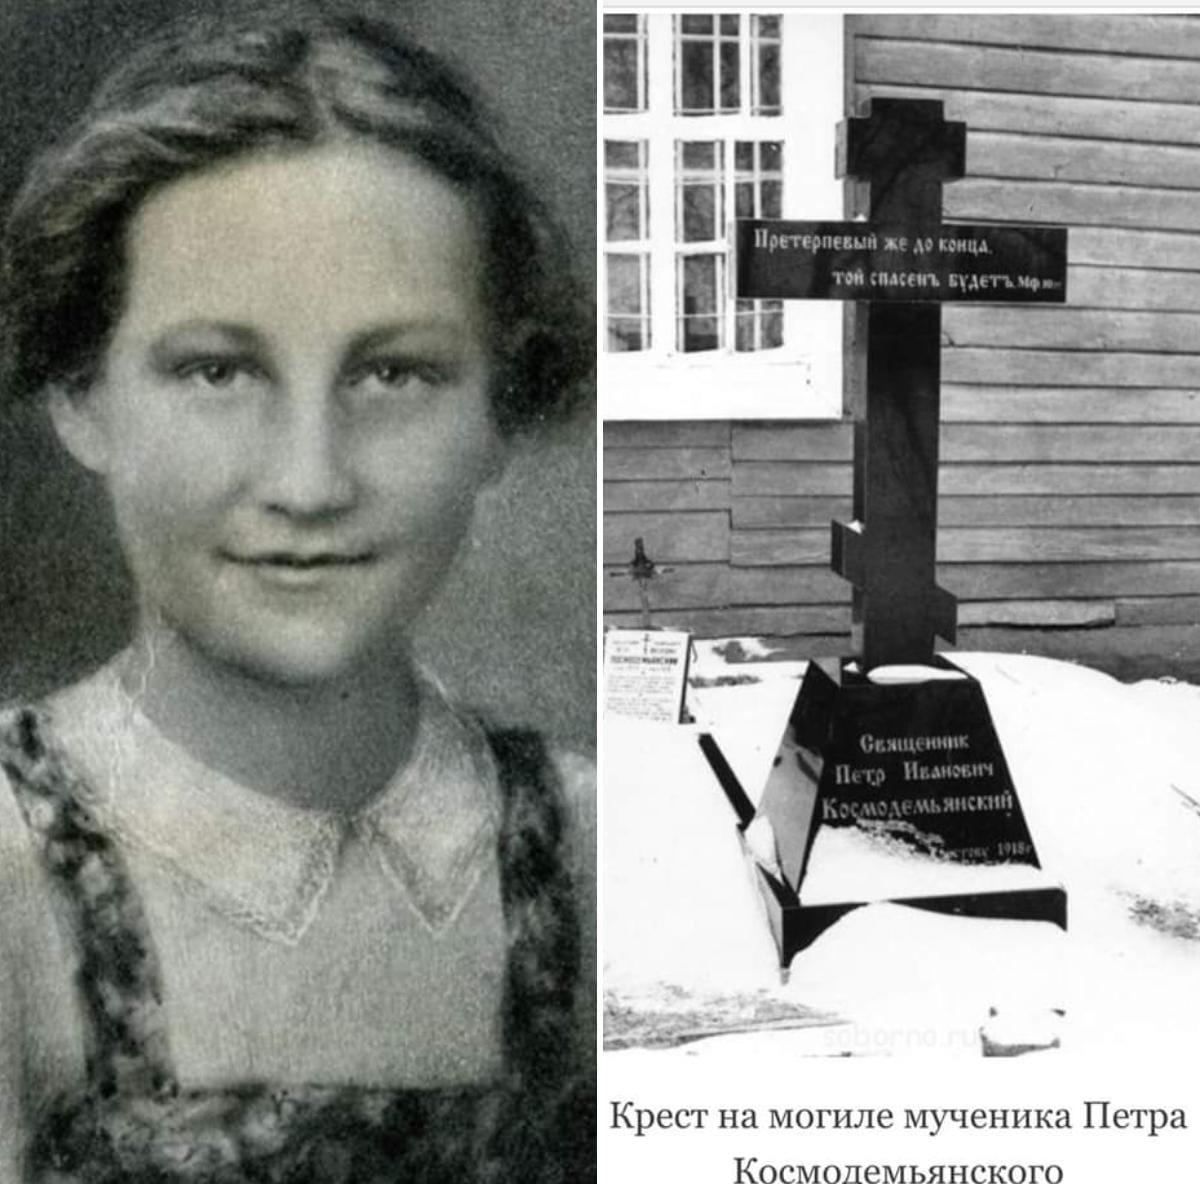 Подробности жизни Зои Космодемьянской, о которых молчали в советских школах